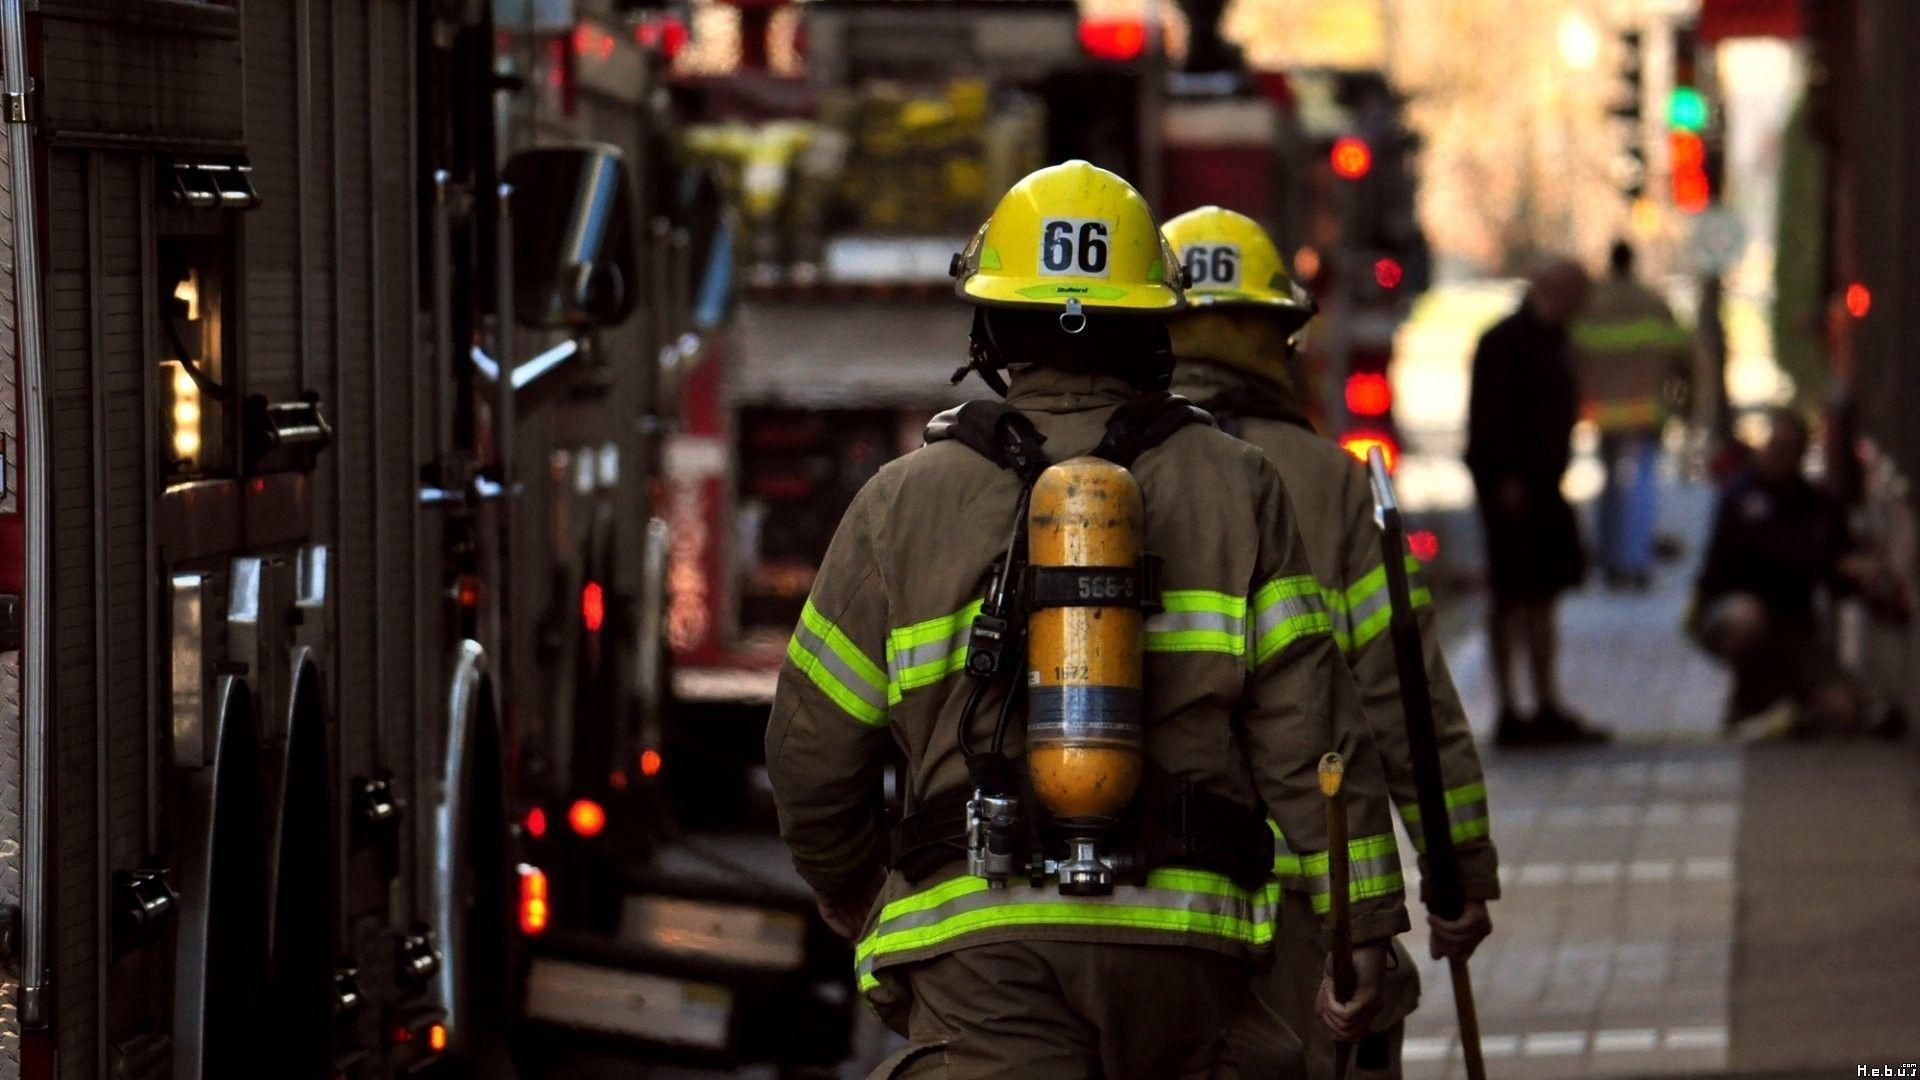 Pix For Fireman Wallpaper Backgrounds